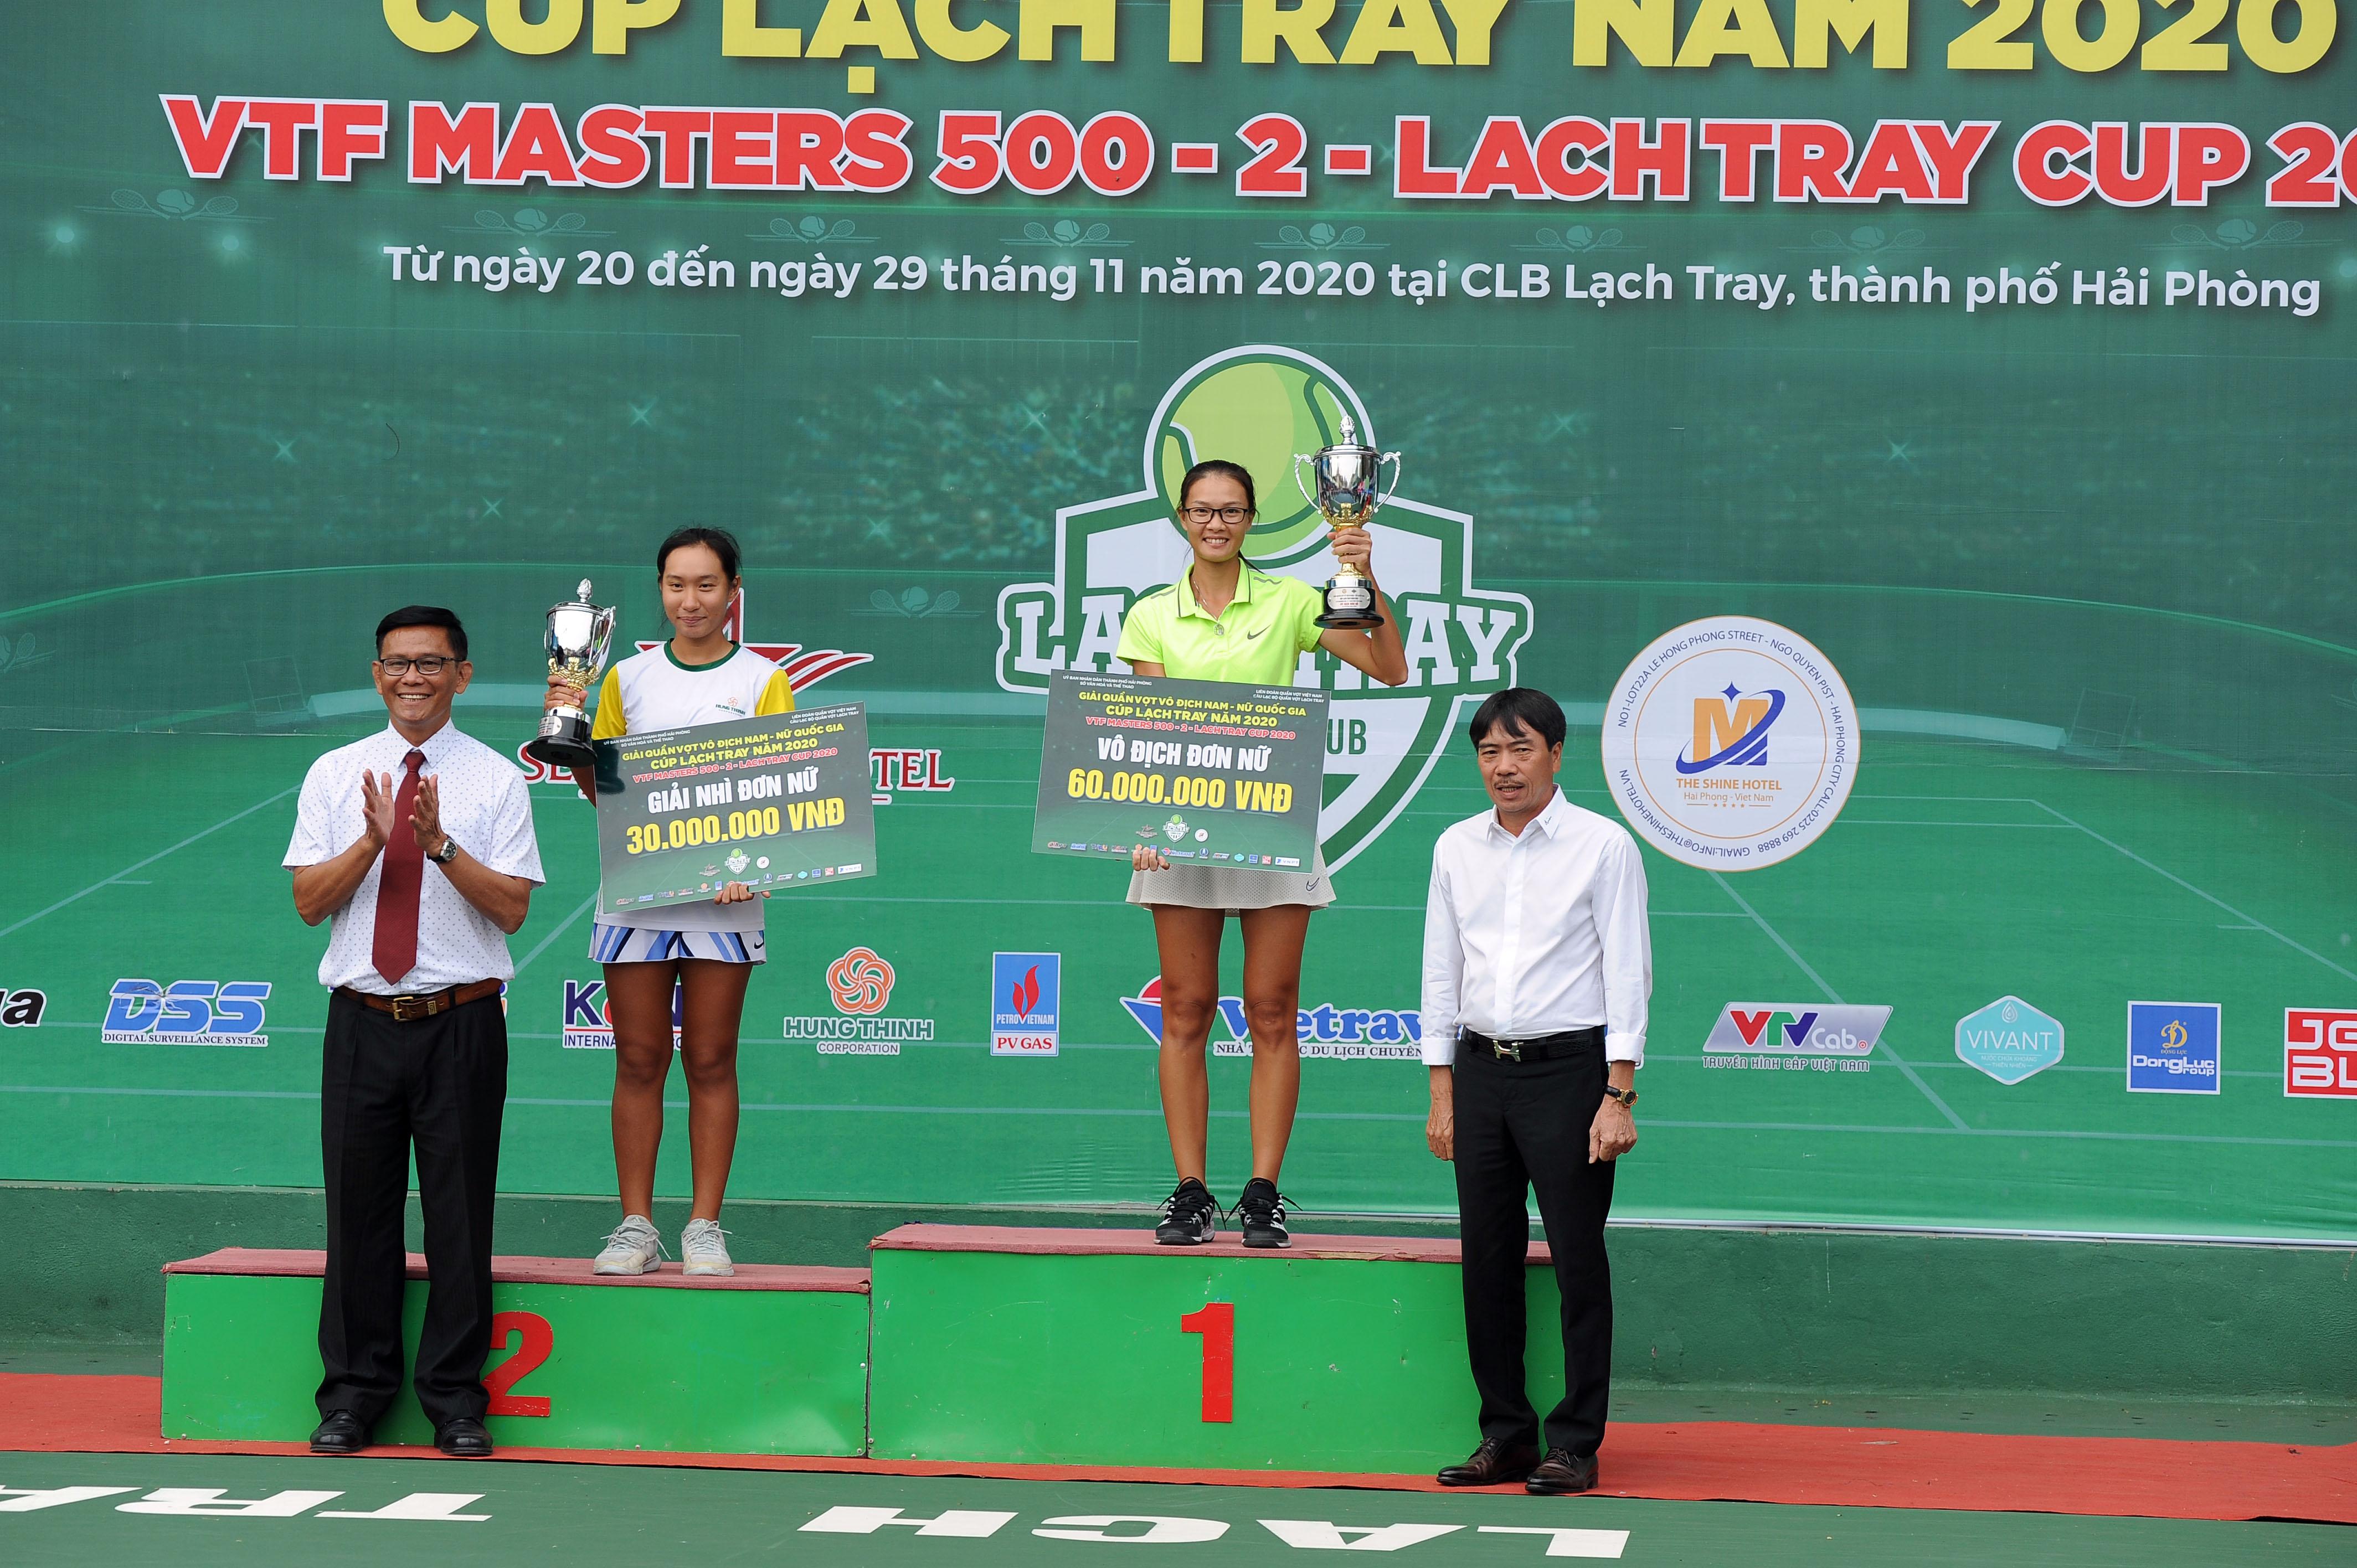 Hình ảnh: VTF Masters 500 - 2 - Lach Tray Cup 2020: Hạ màn đầy bất ngờ số 4